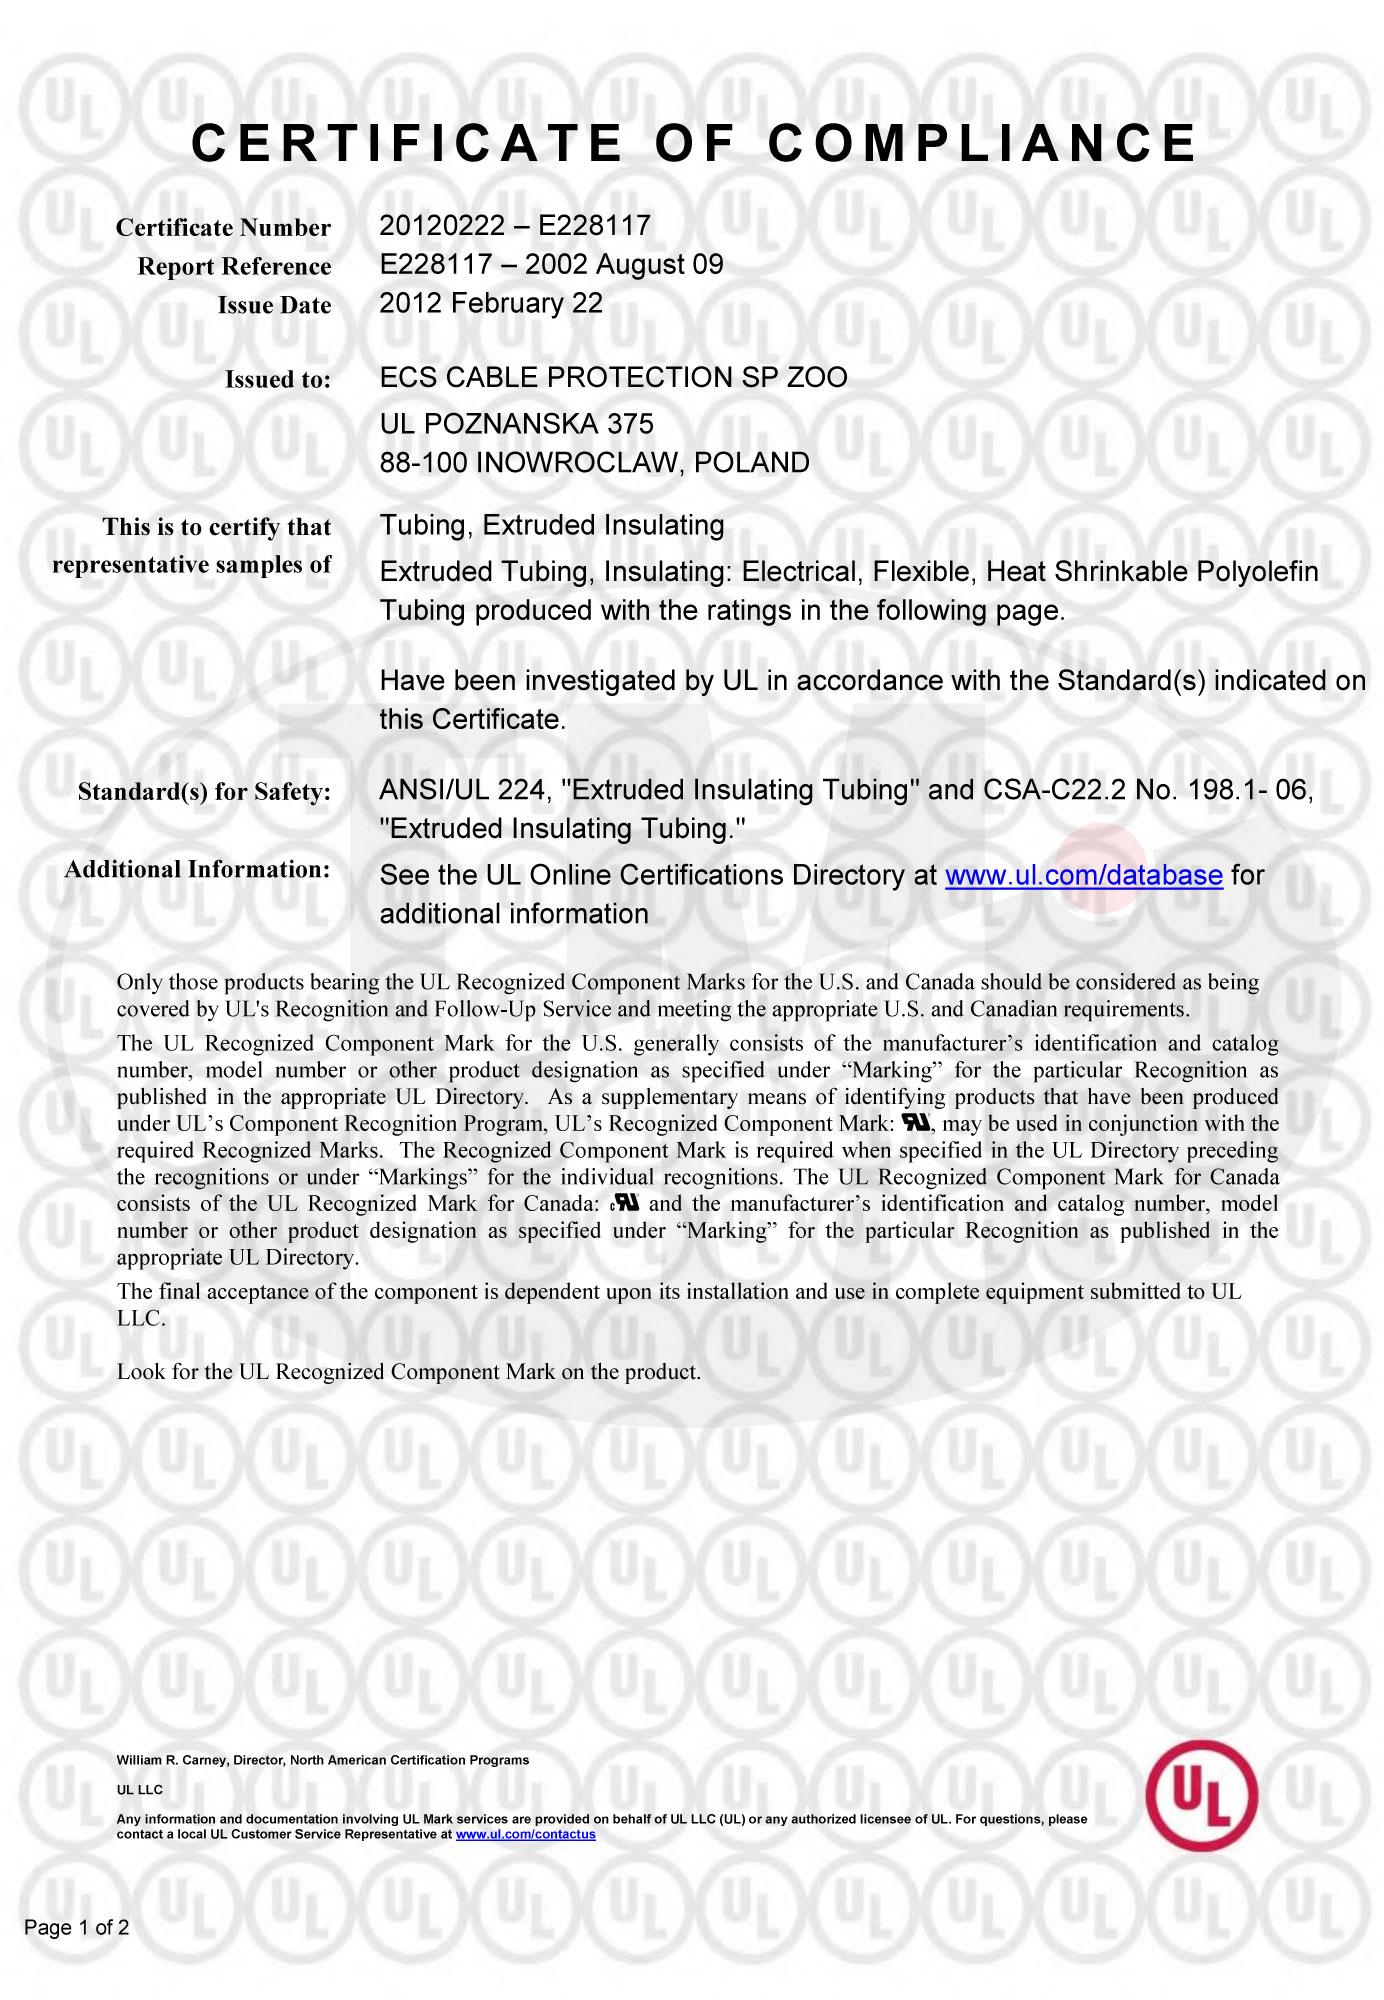 Сертификат UL для ECS Cable Protection